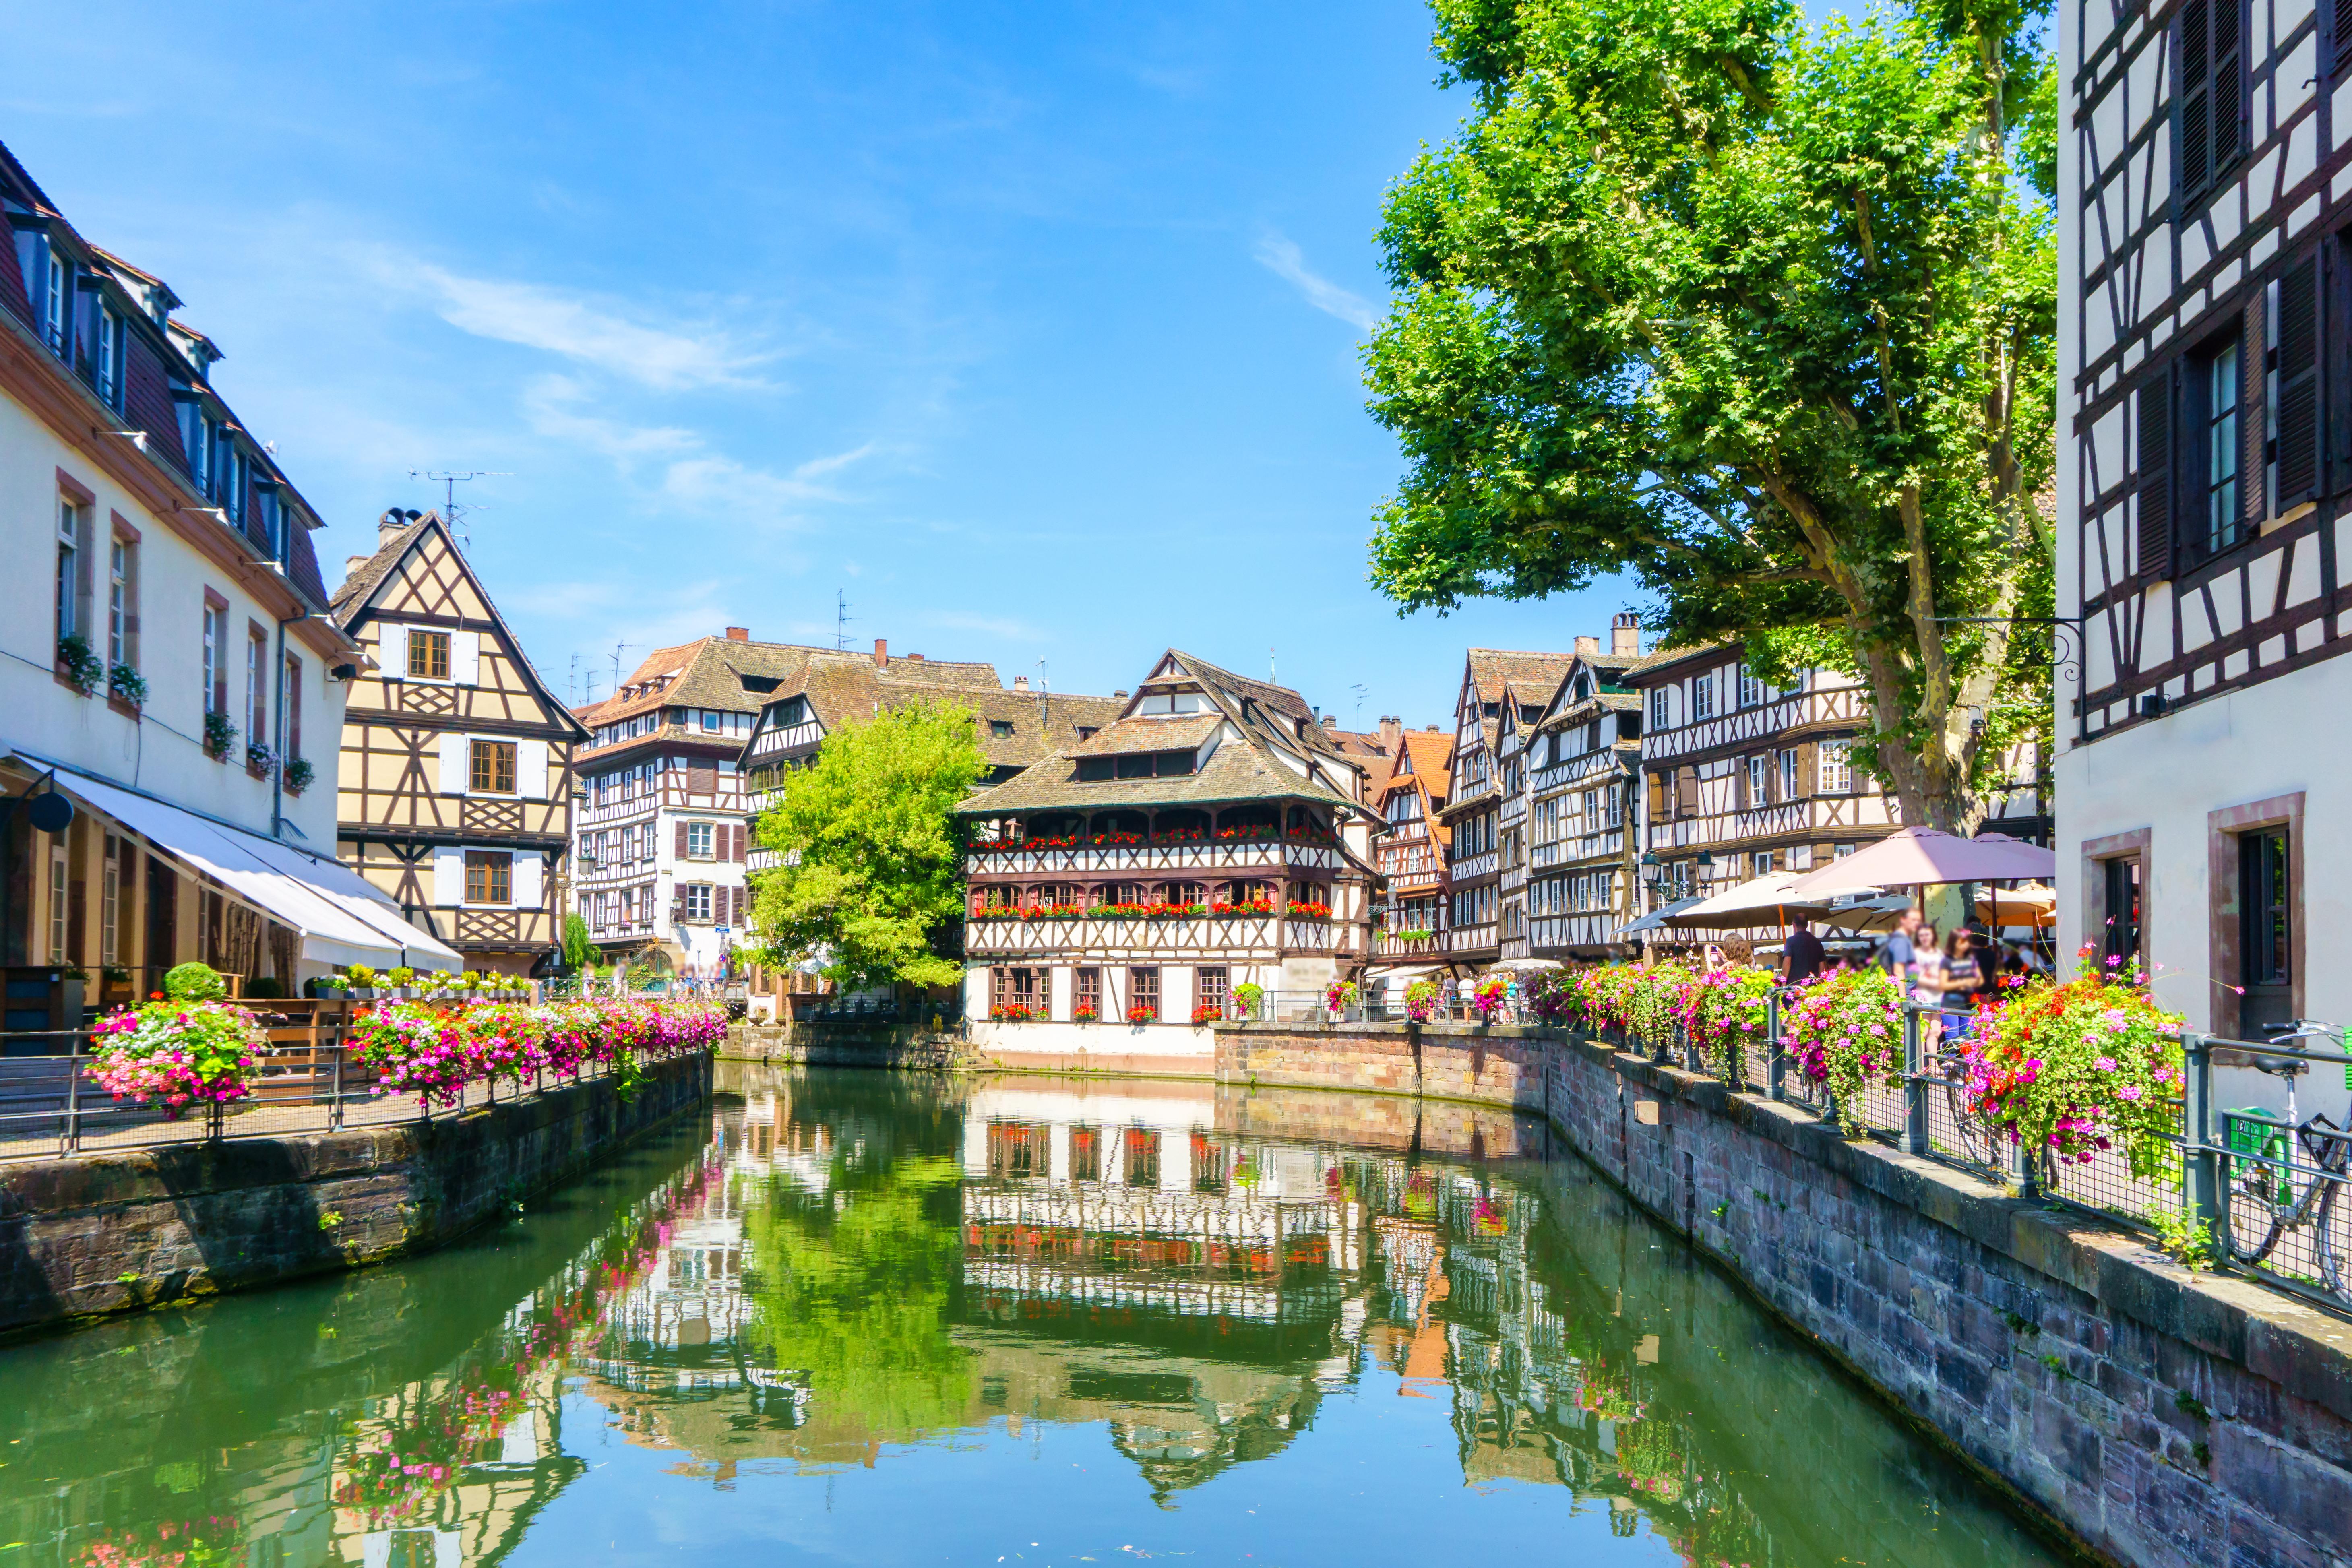 Descubre la historia de Estrasburgo, hoy signo de reconciliación y unidad - Francia Circuito La Ruta del Champagne, Luxemburgo y Alsacia